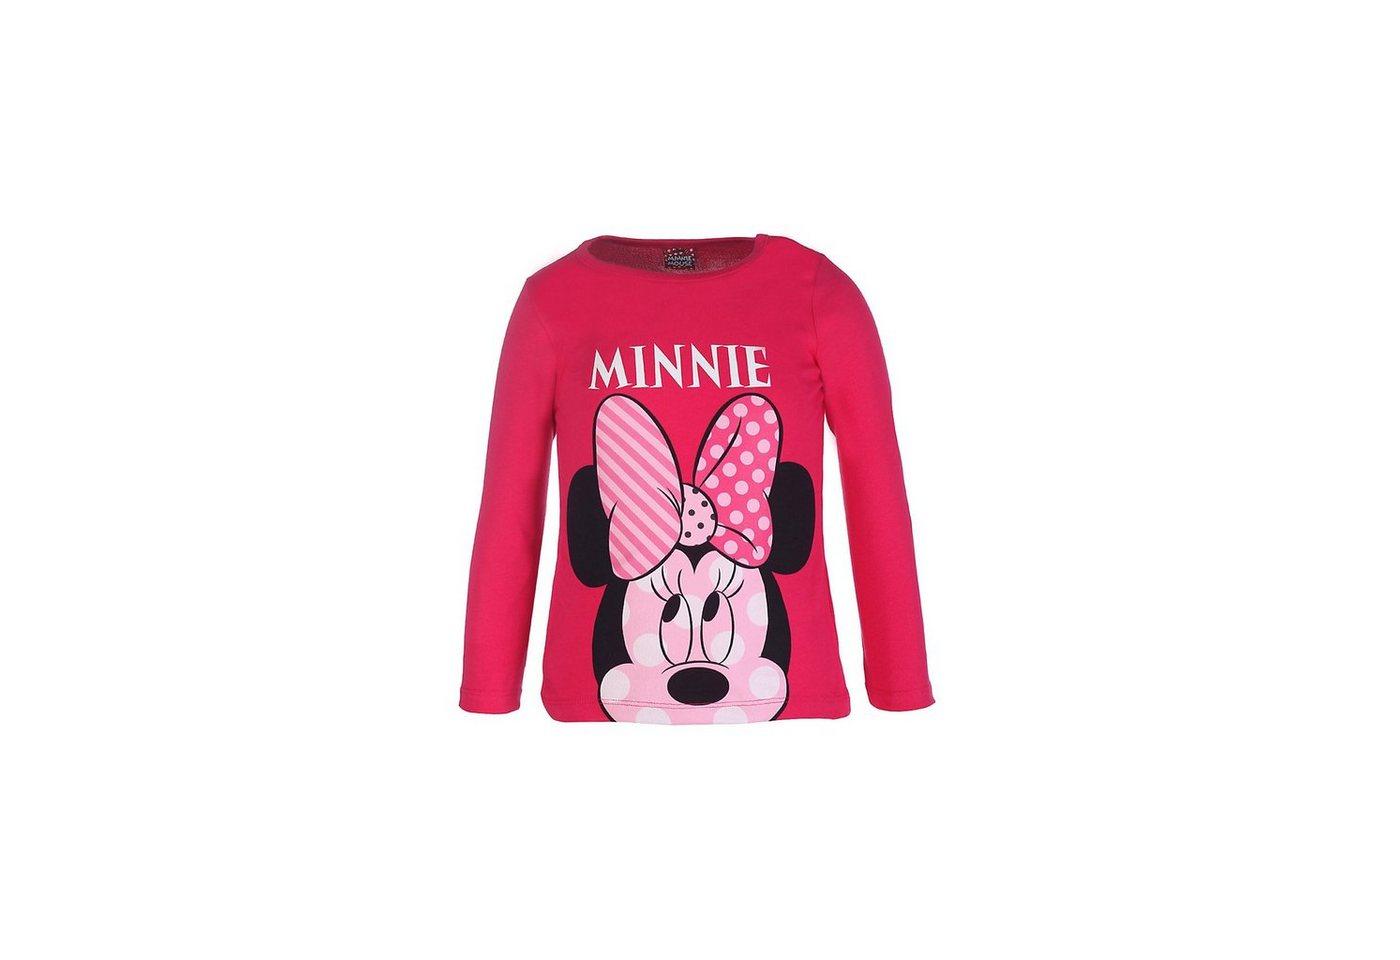 otto - Shirt Minnie Mouse Langarmshirts